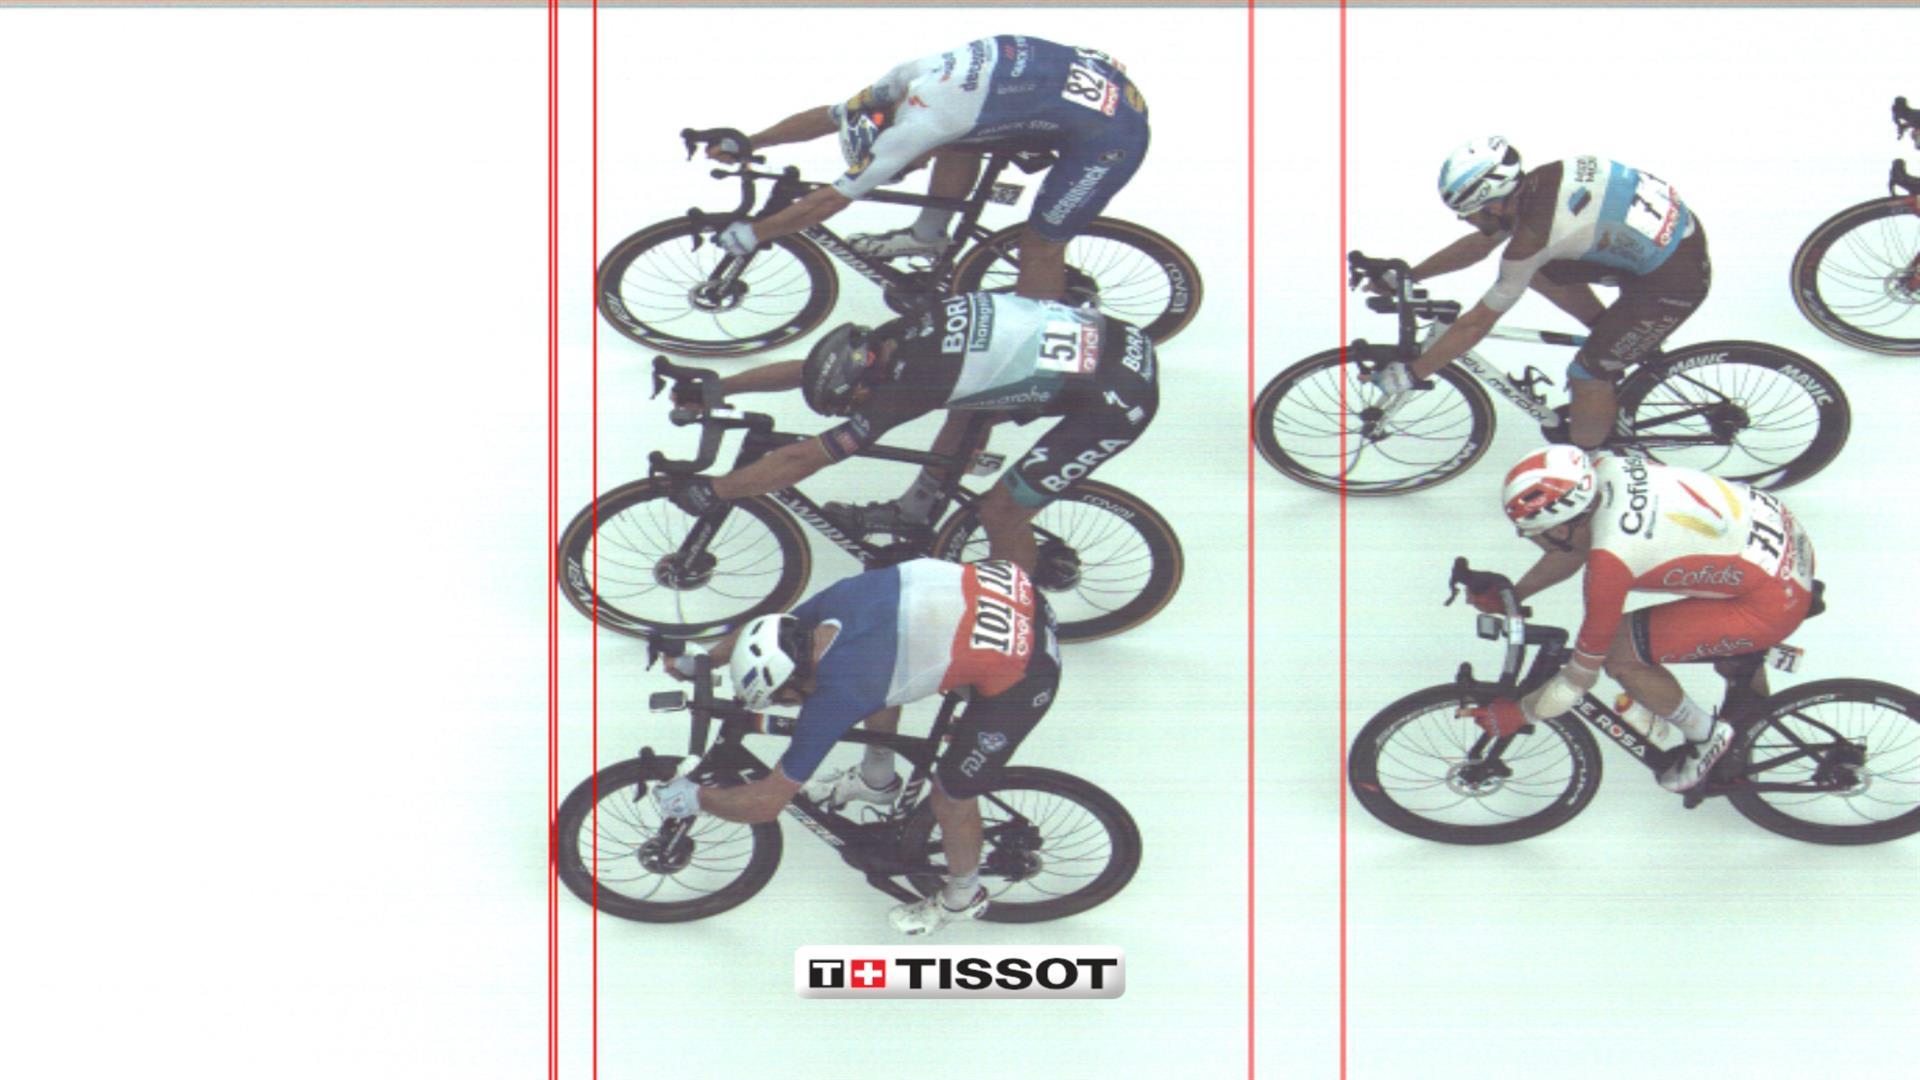 Giro 2020: Démare, Sagan e Ballerini: la vittoria è questione di millimetri